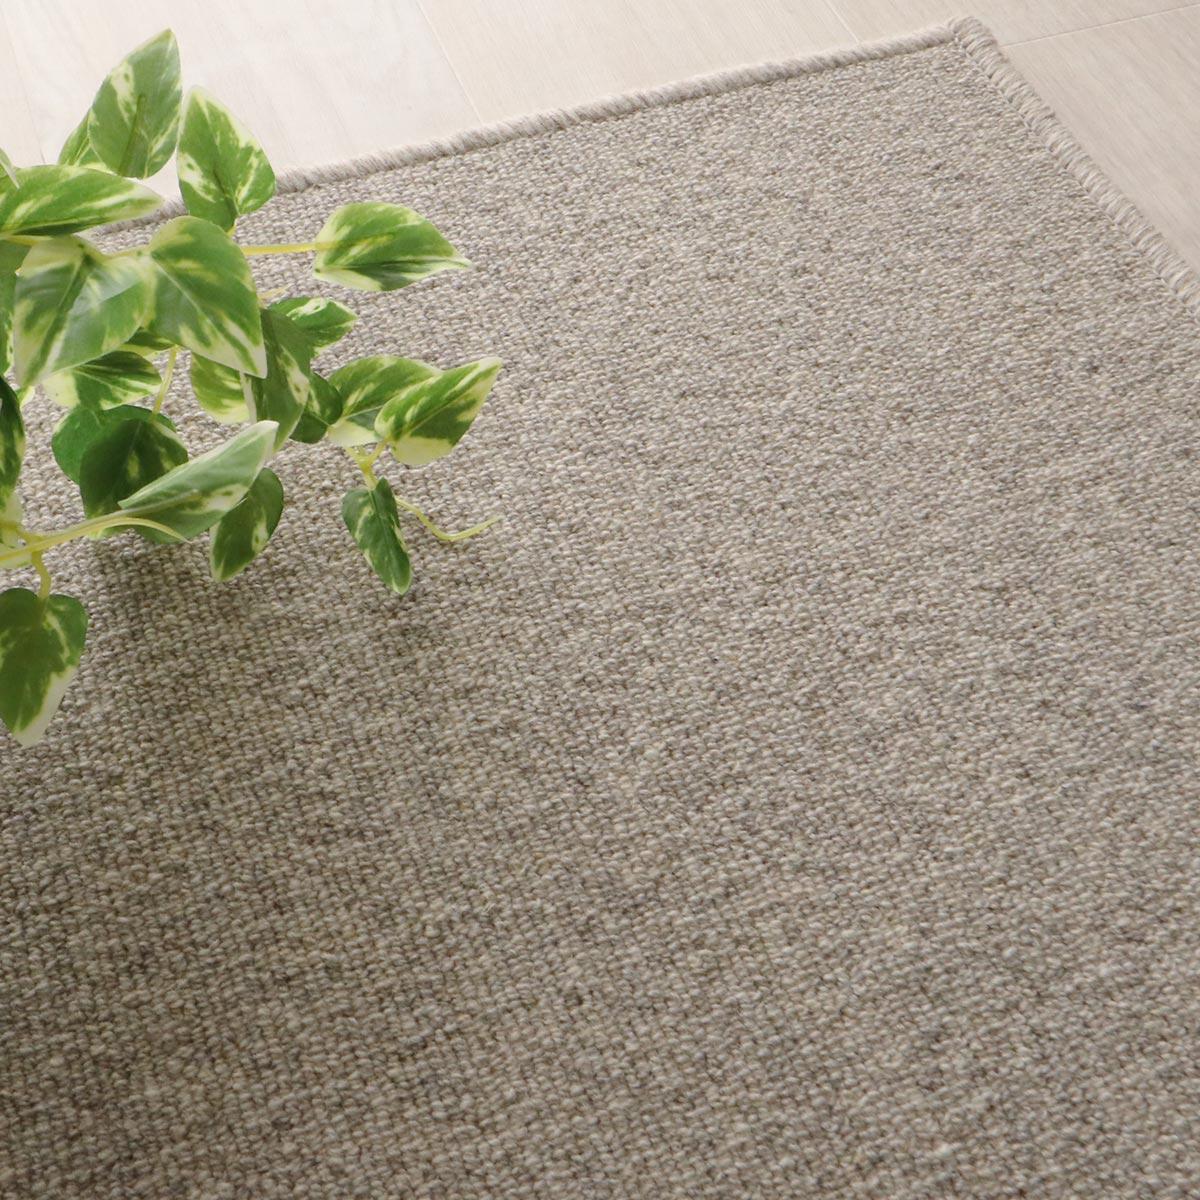 空気を洗うウール100%の100サイズカーペット【クルー】